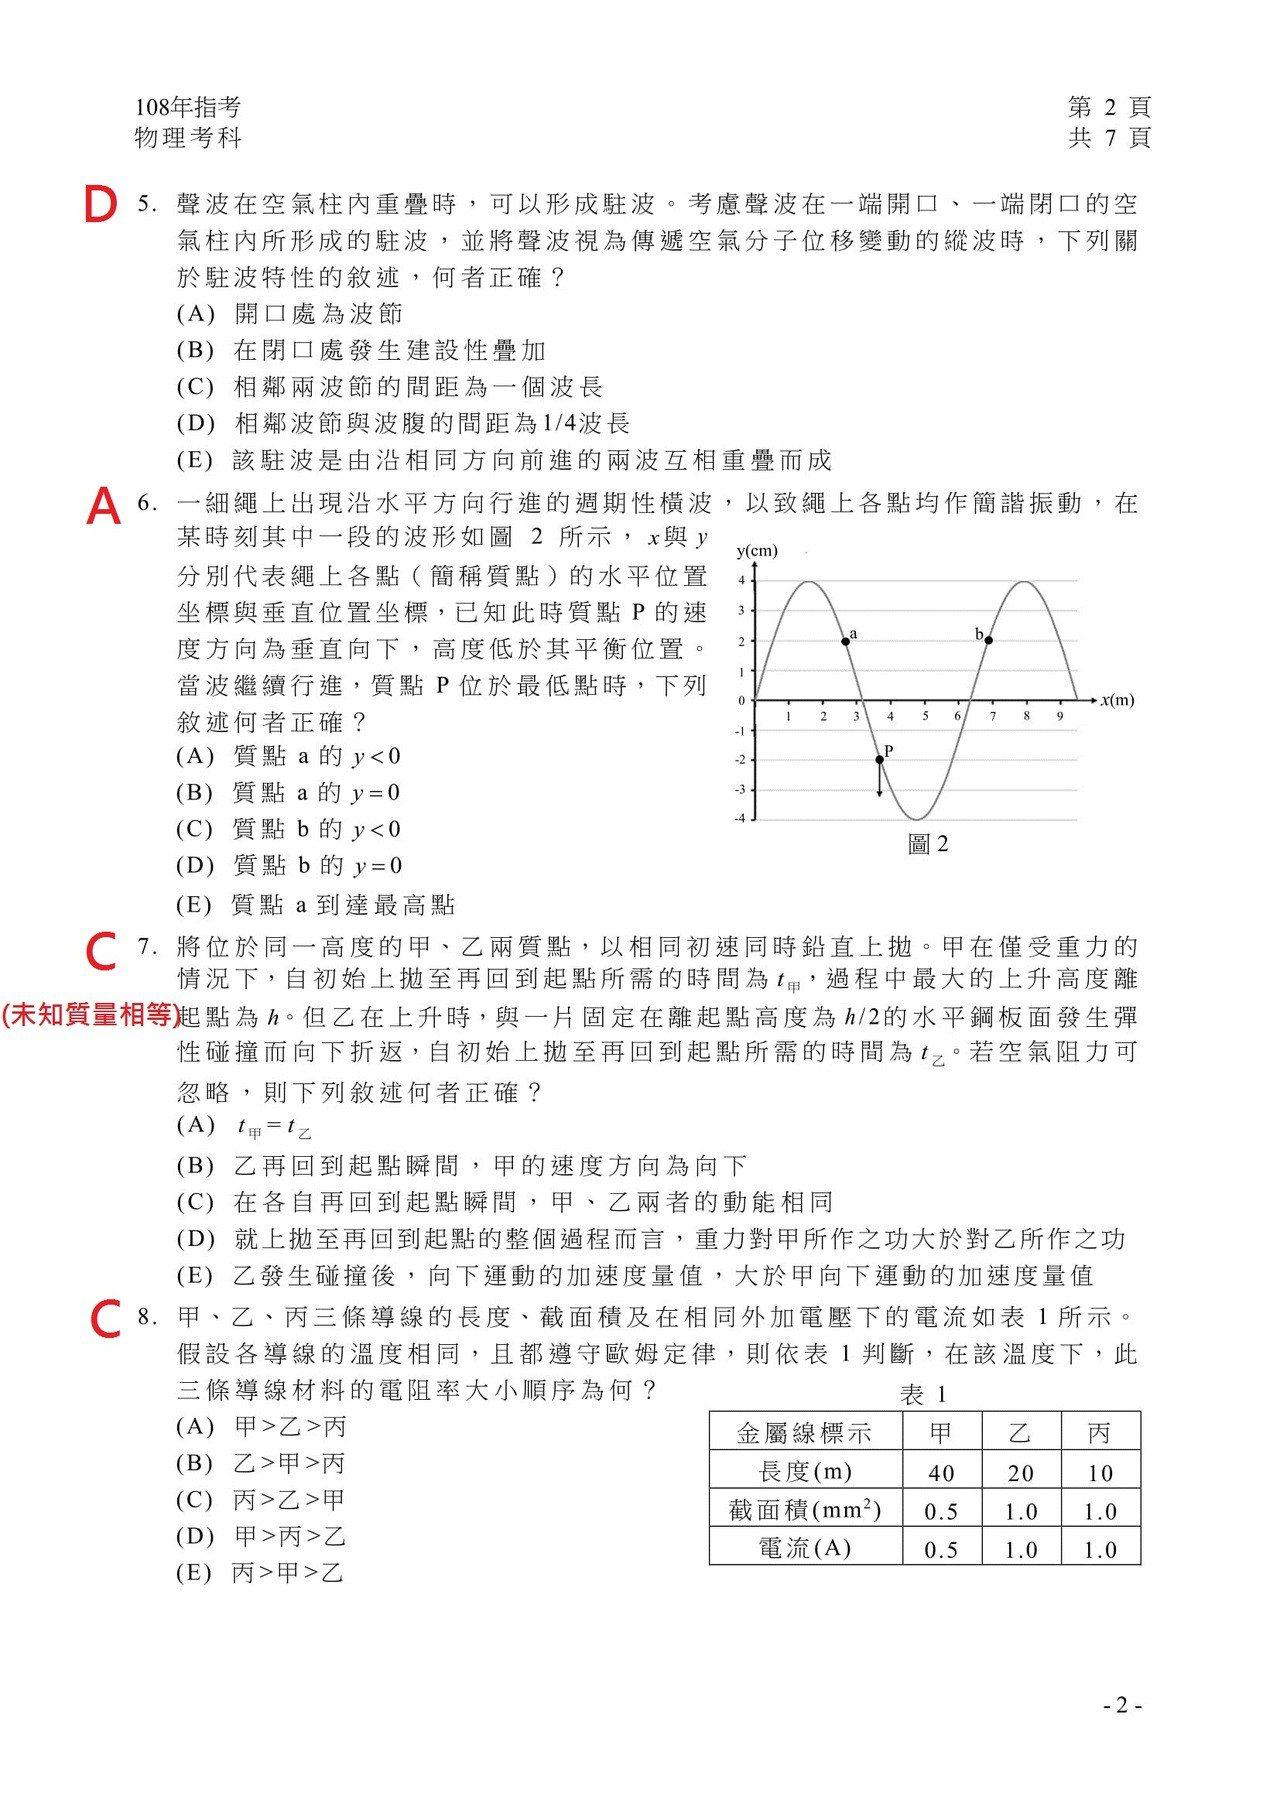 第二頁(台北市補教協會表示,物理科選擇第7題,因未知甲、乙質量相等,建議答案是C...